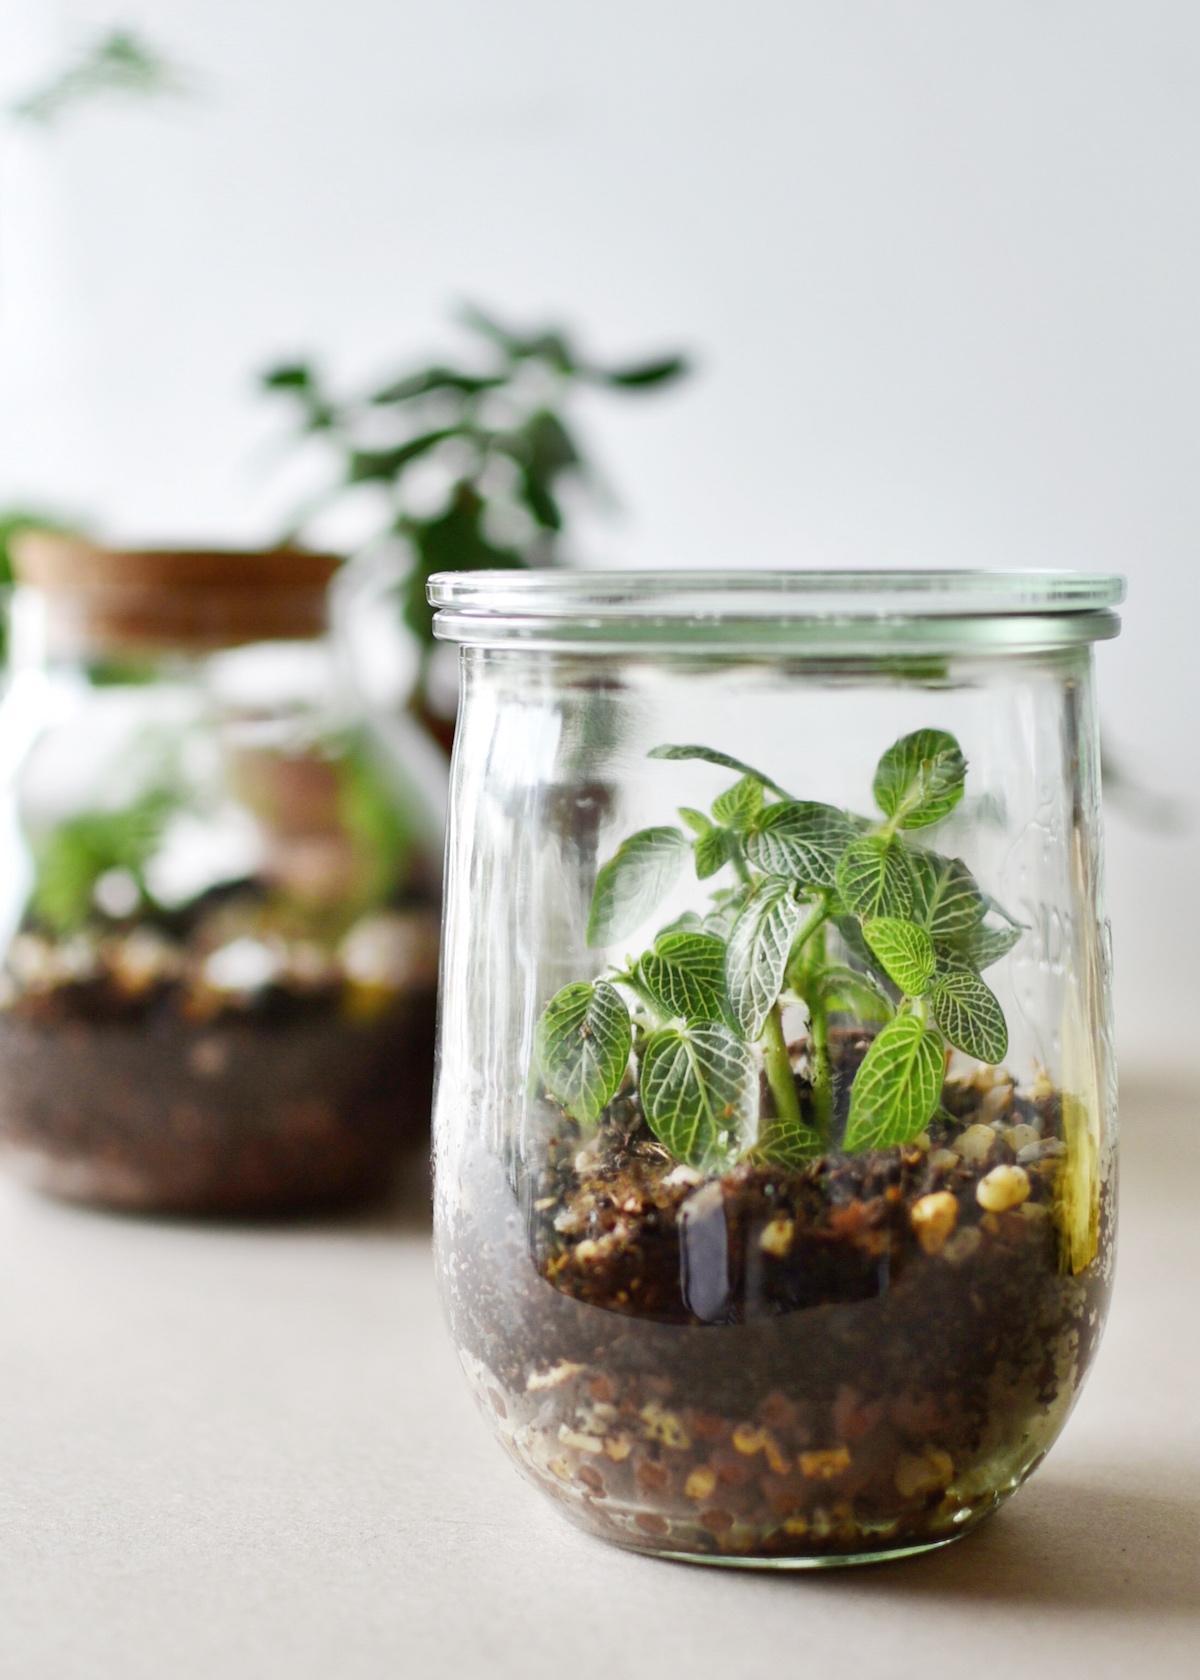 comment faire un terrarium facilement dans un pot en verre de recupération